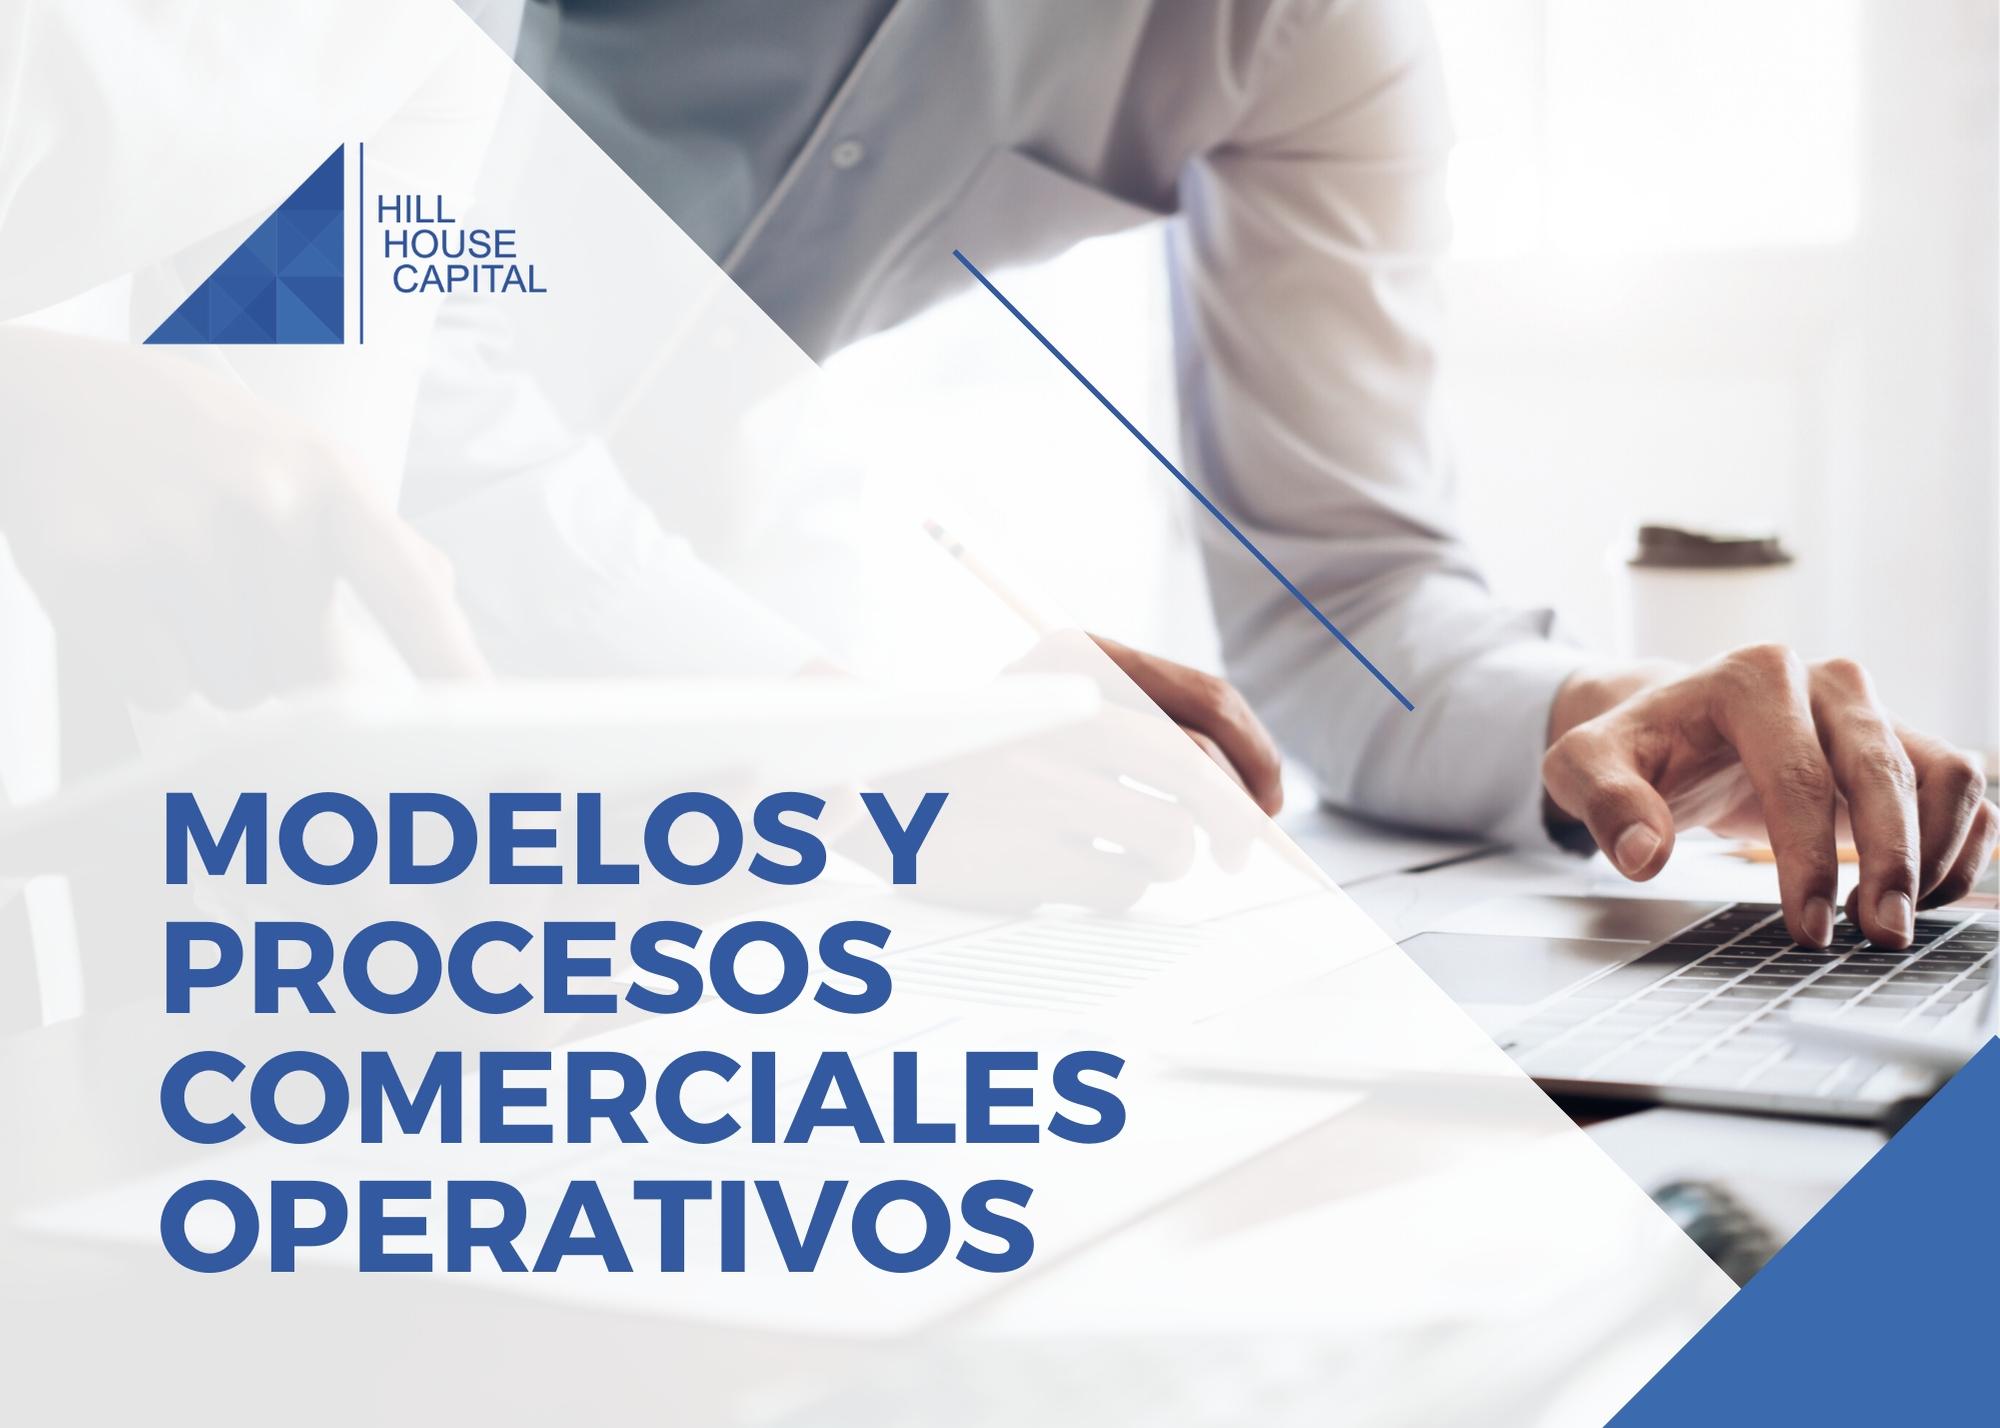 Modelos y procesos comerciales operativos